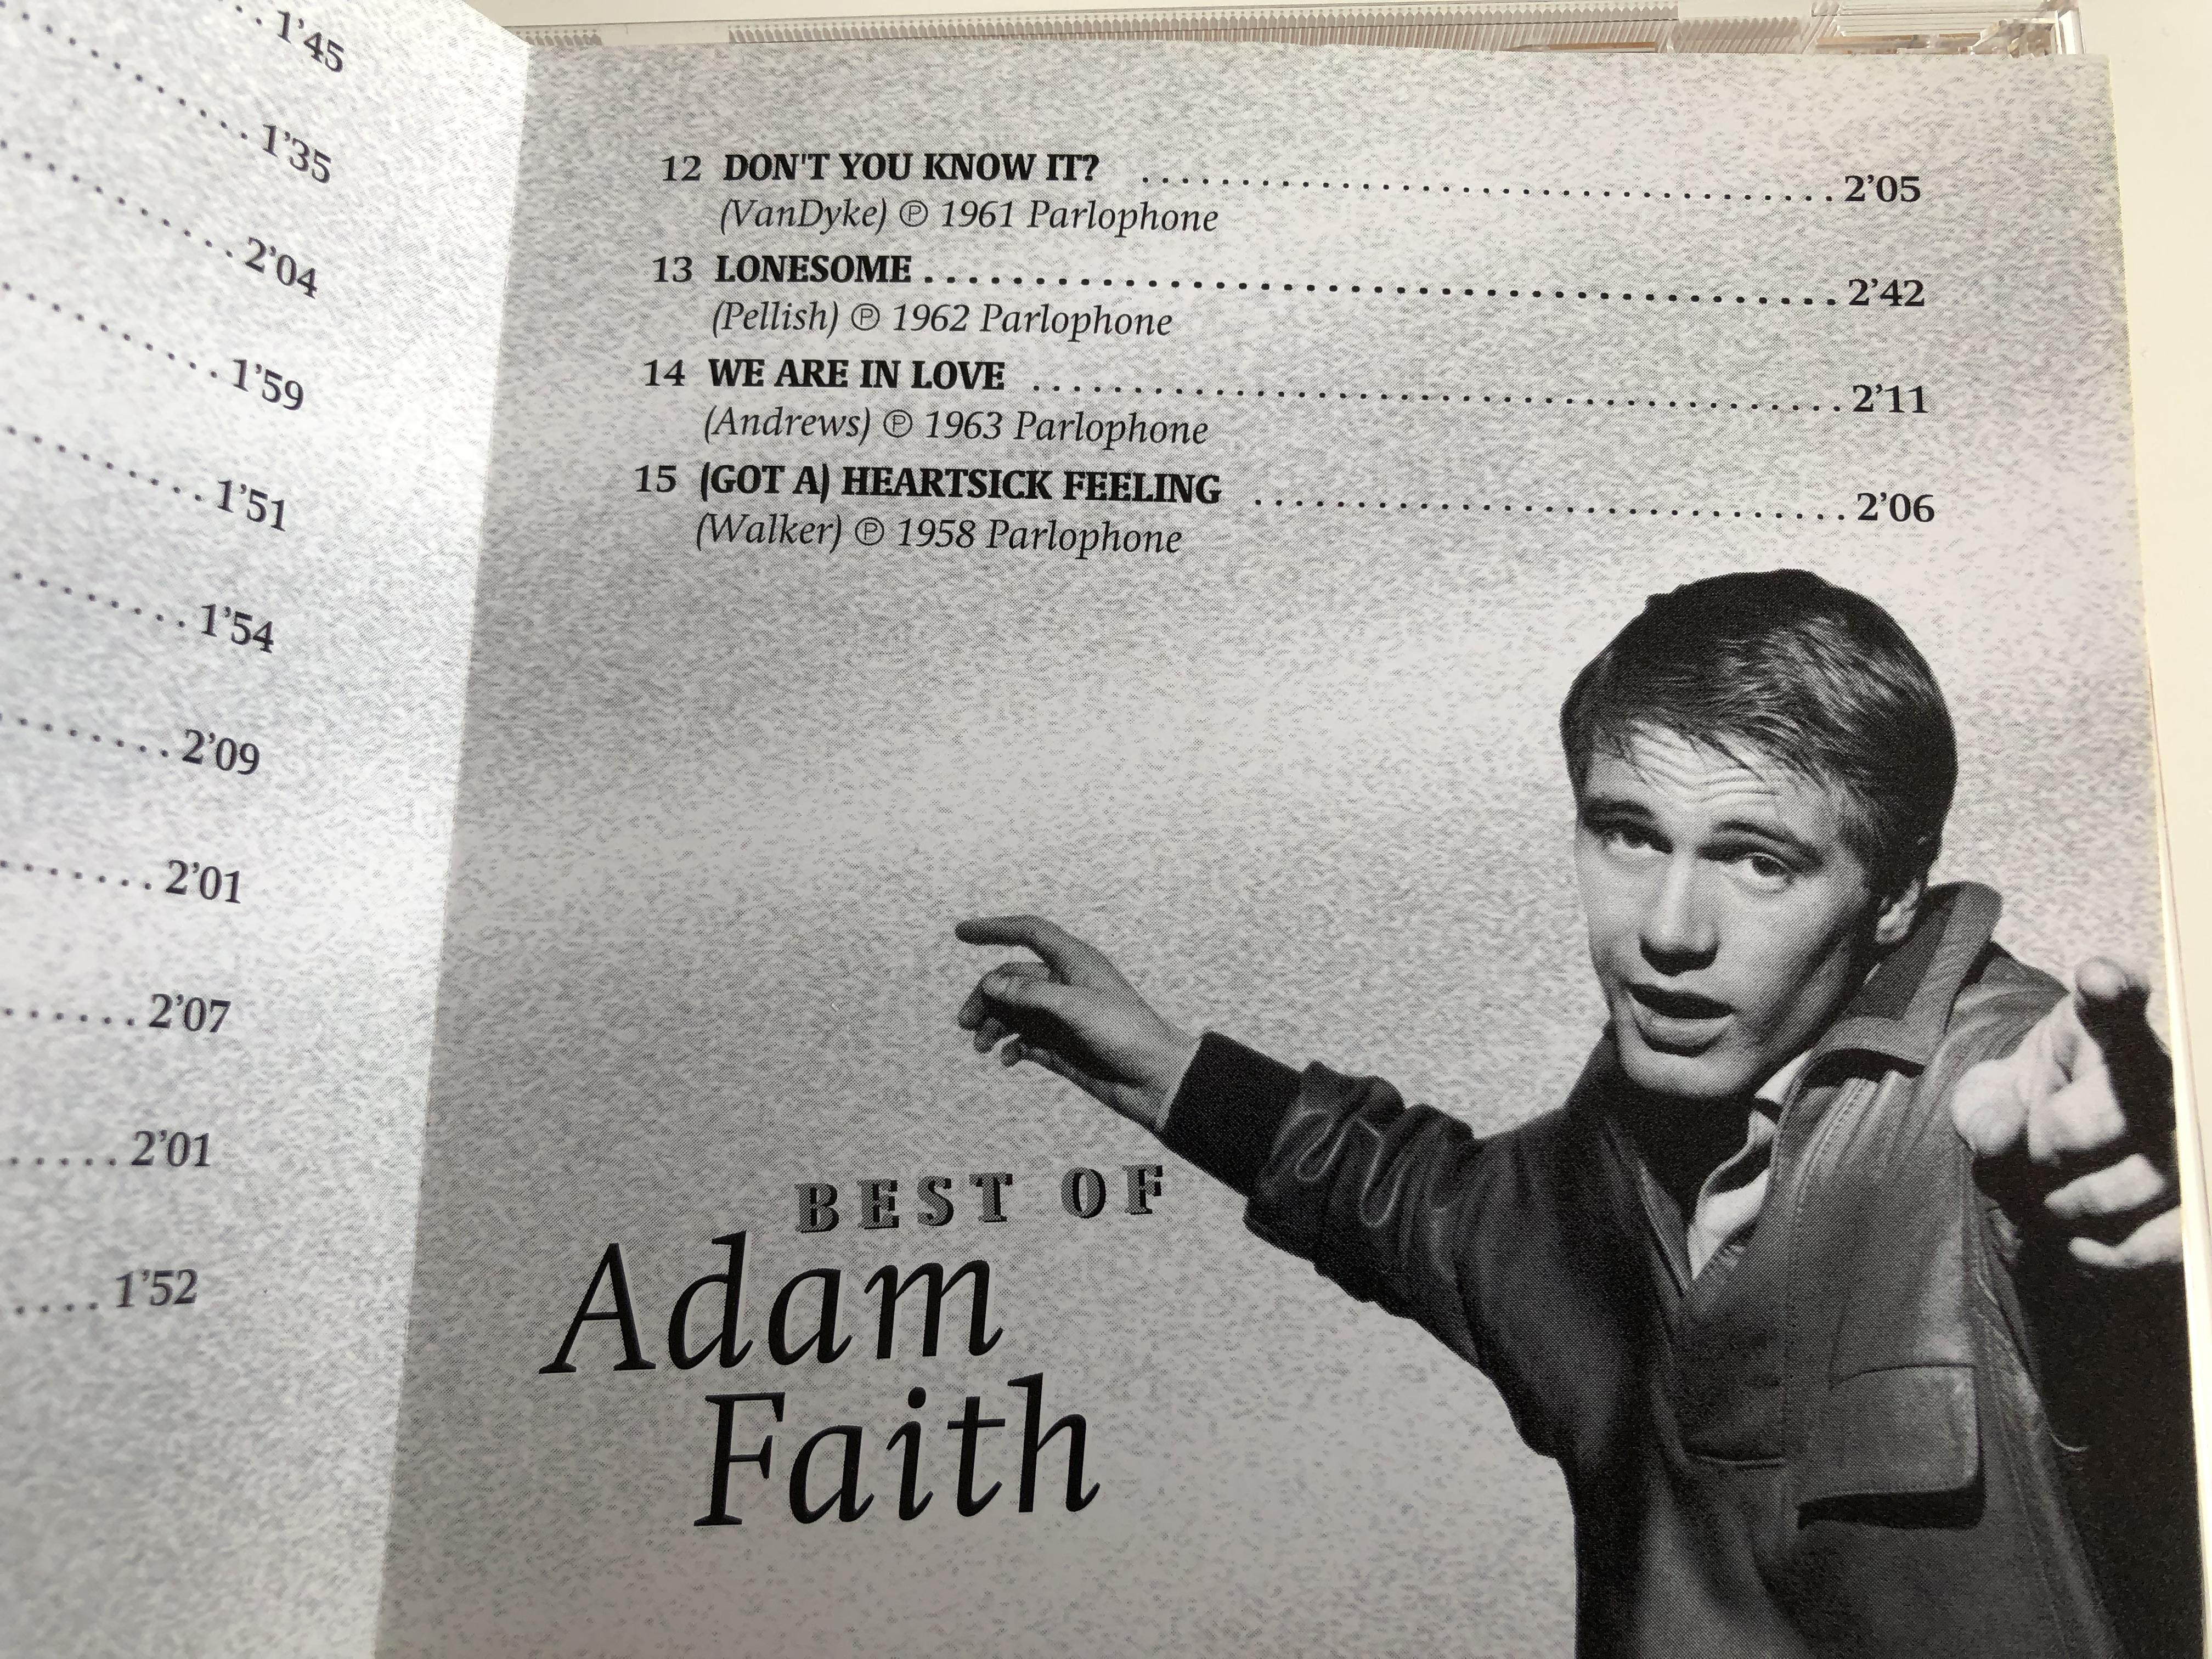 best-of-adam-faithimg-3956.jpg